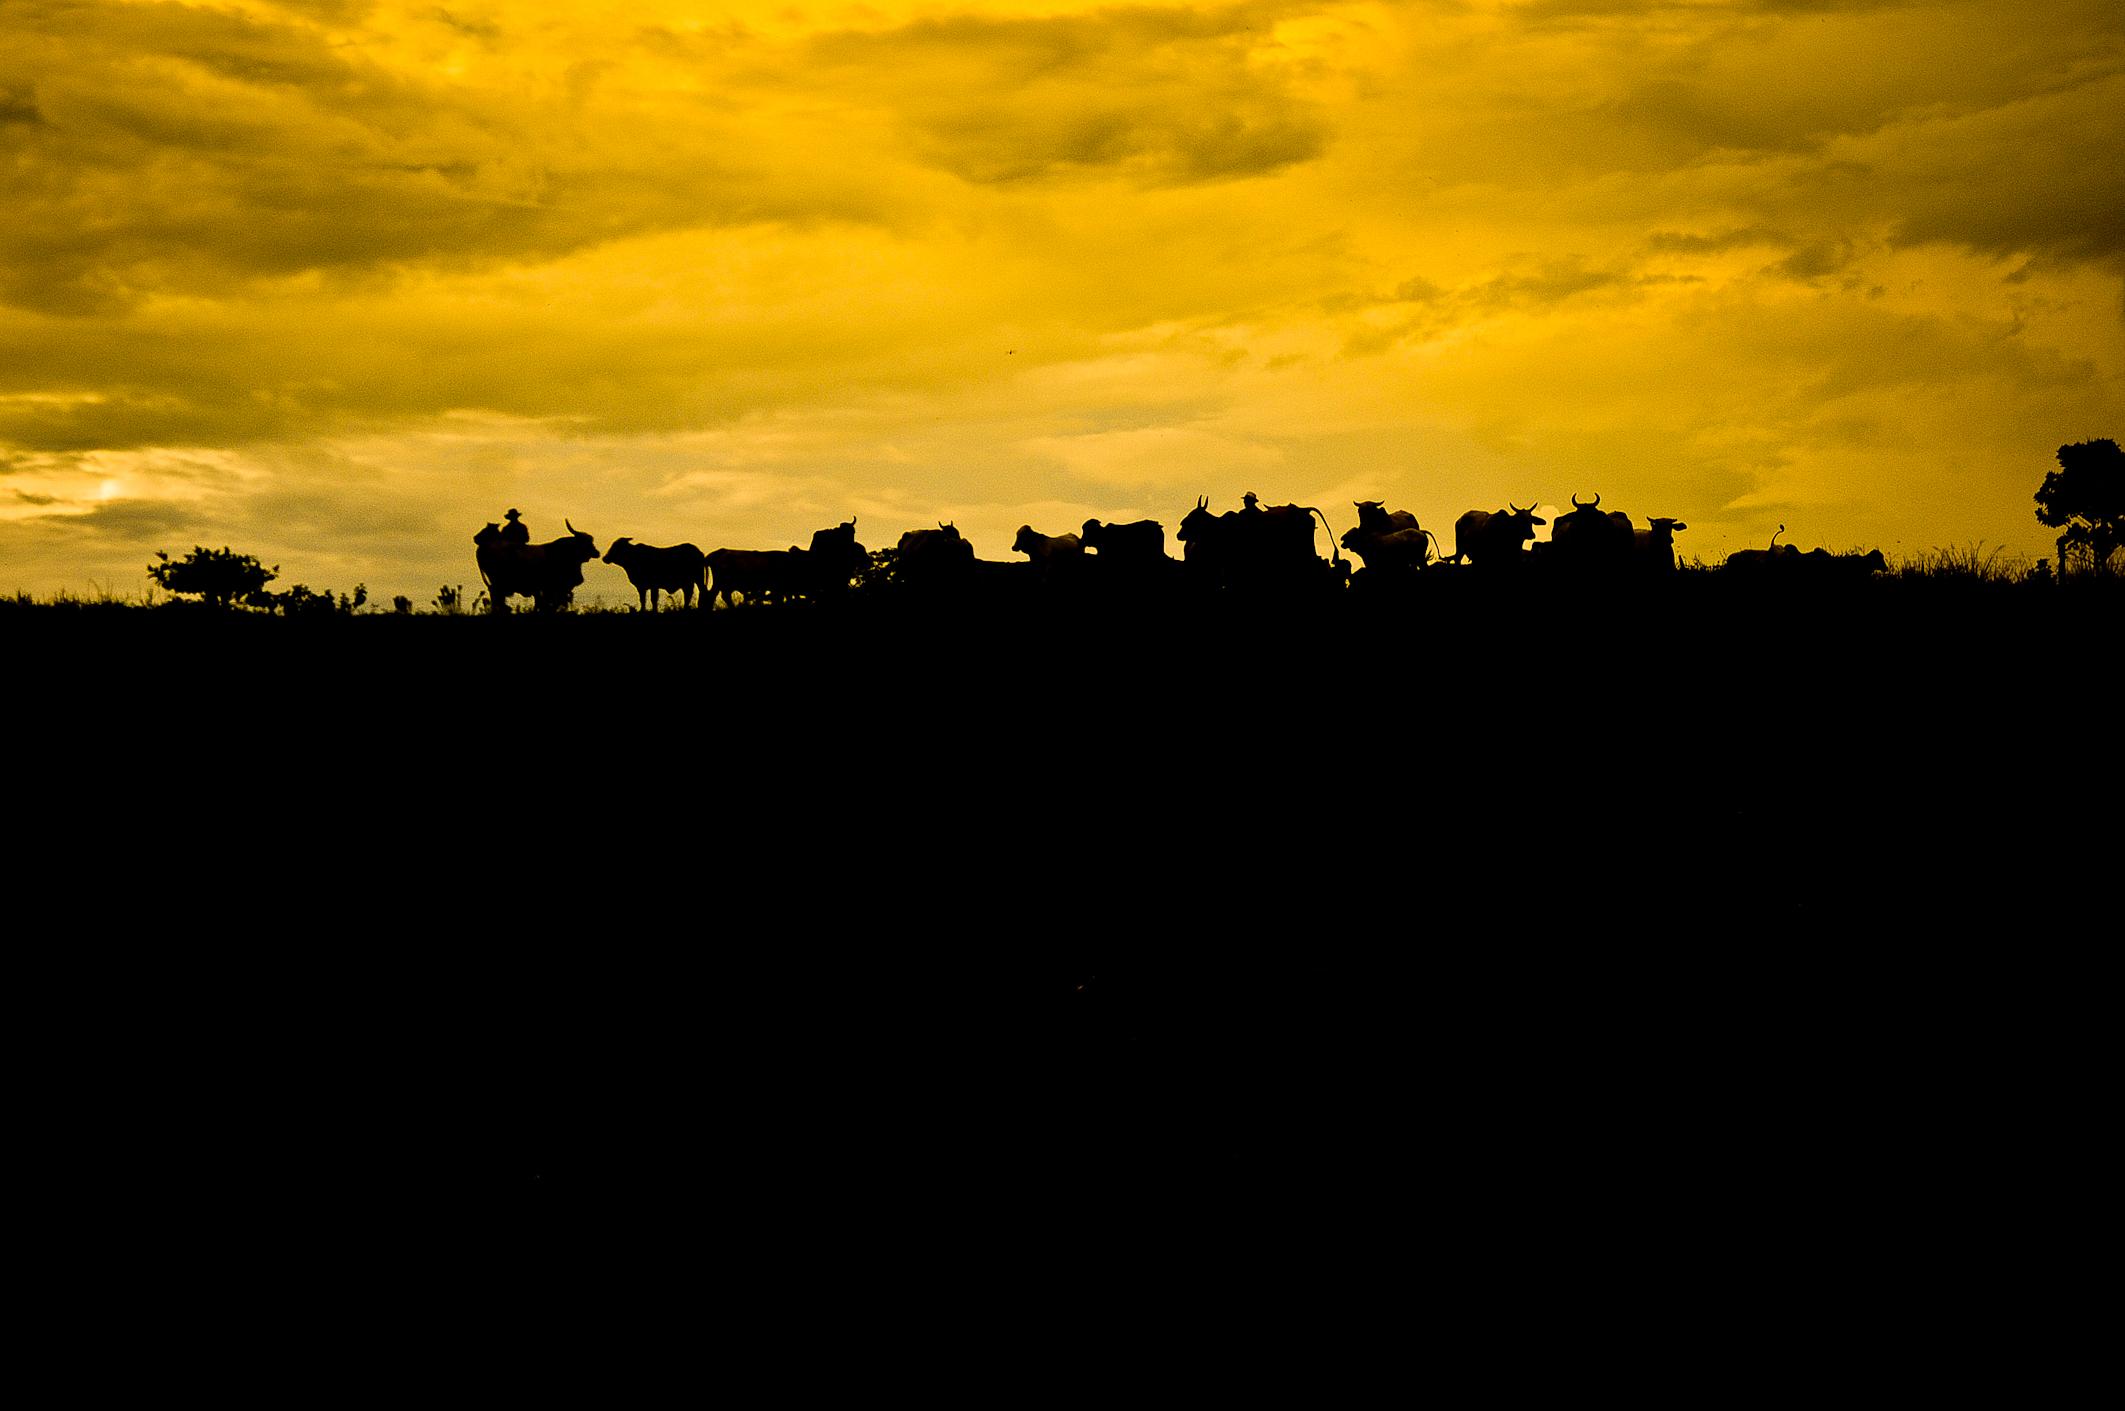 Los Llanos Colombia, Josmi Amin Martelo